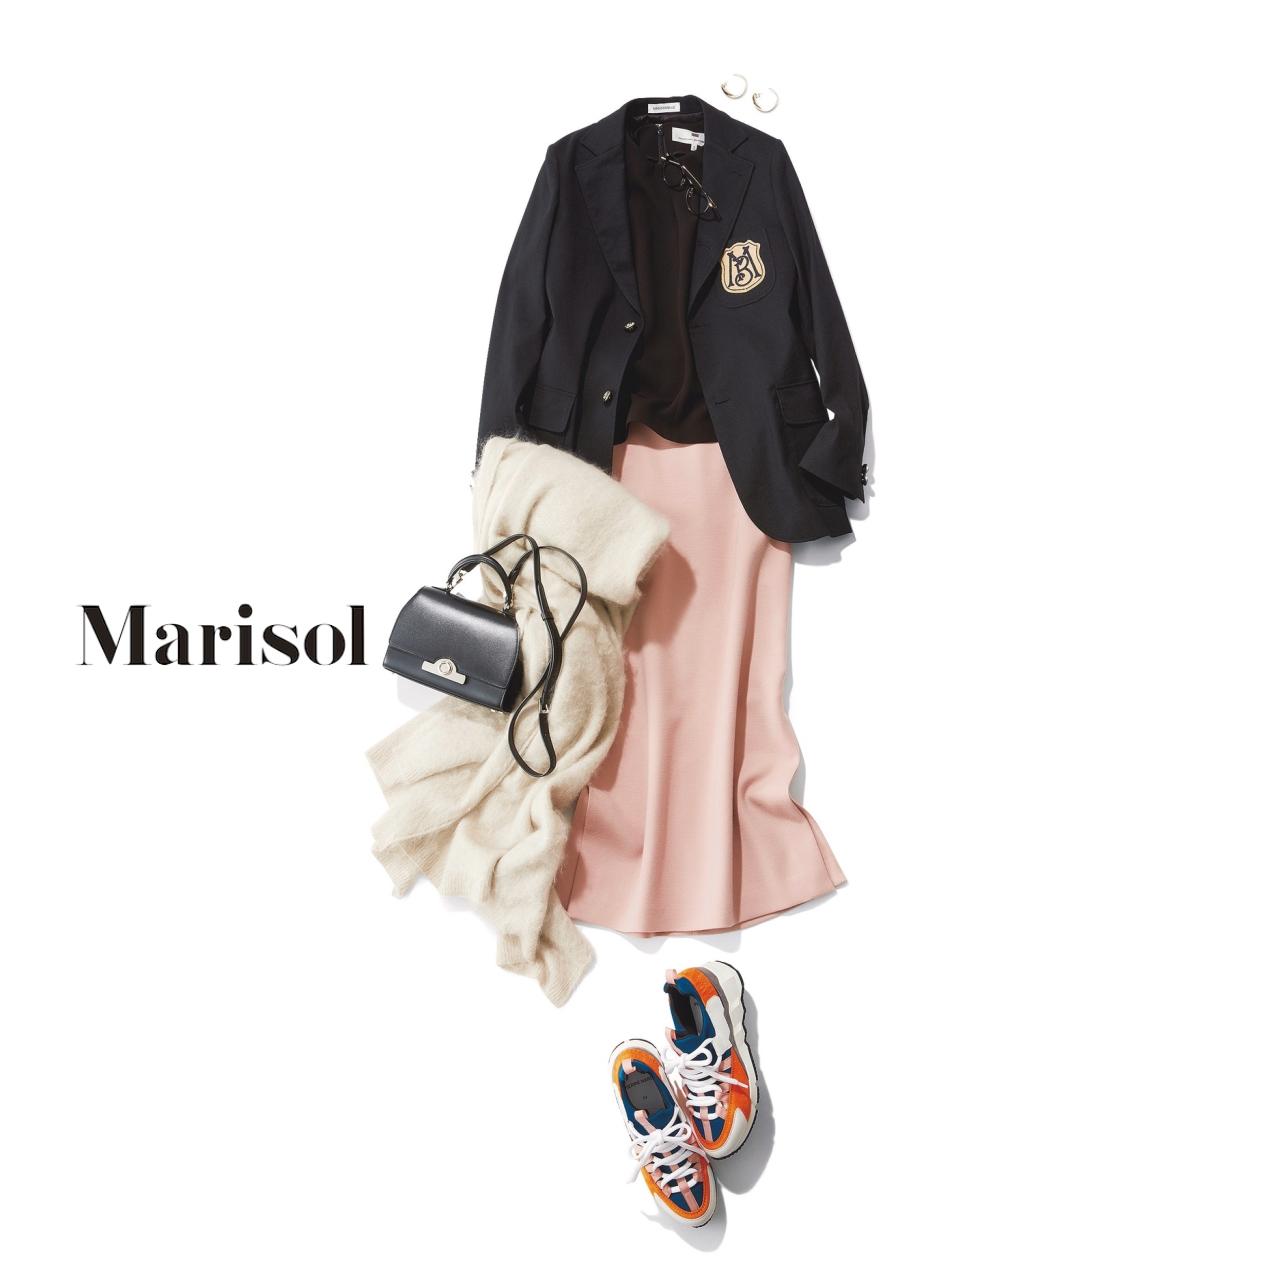 40代ファッション ジャケット×ピンクスカート×スニーカーコーデ